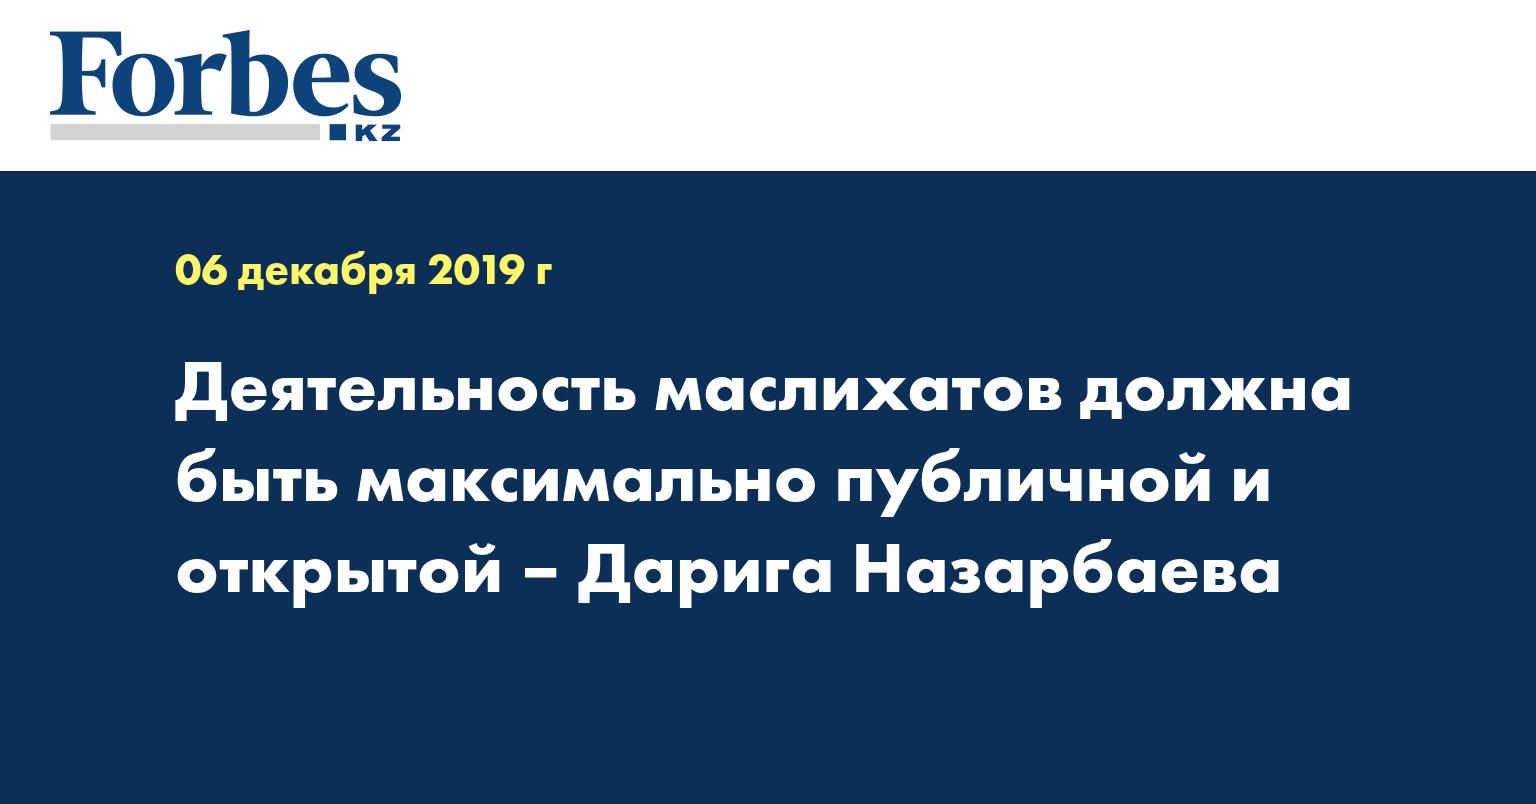 Деятельность маслихатов должна быть максимально публичной и открытой – Дарига Назарбаева